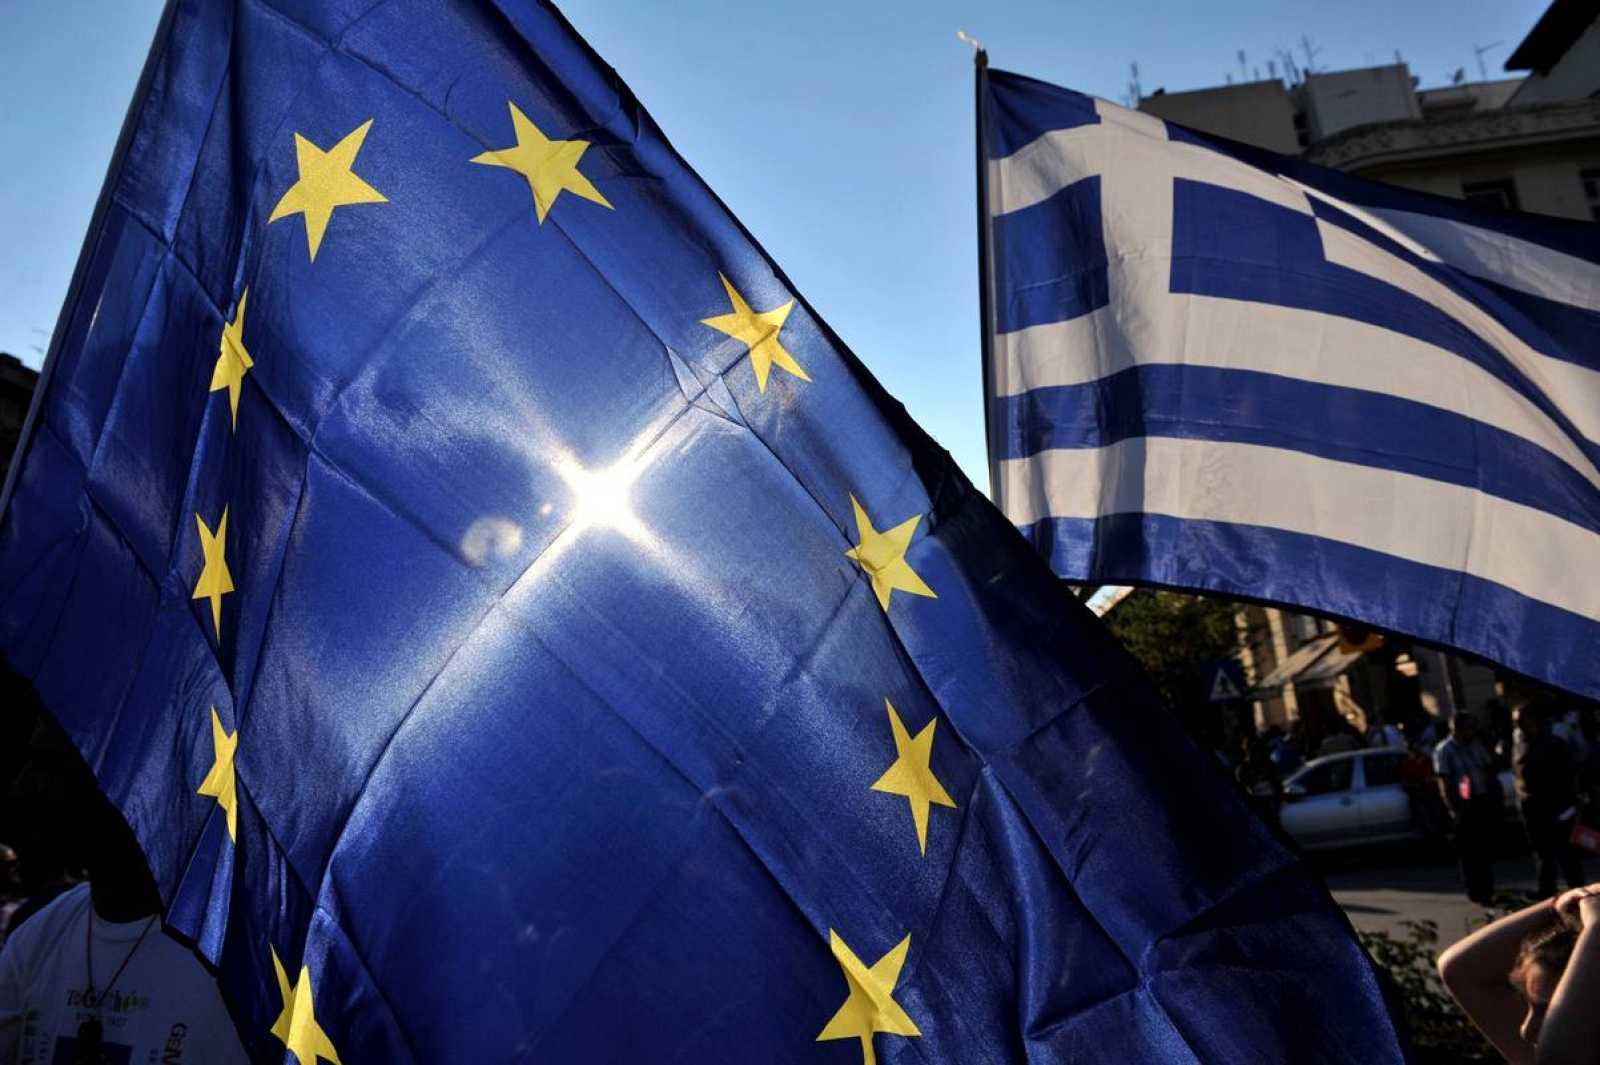 Banderas de la Unión Europea y Grecia